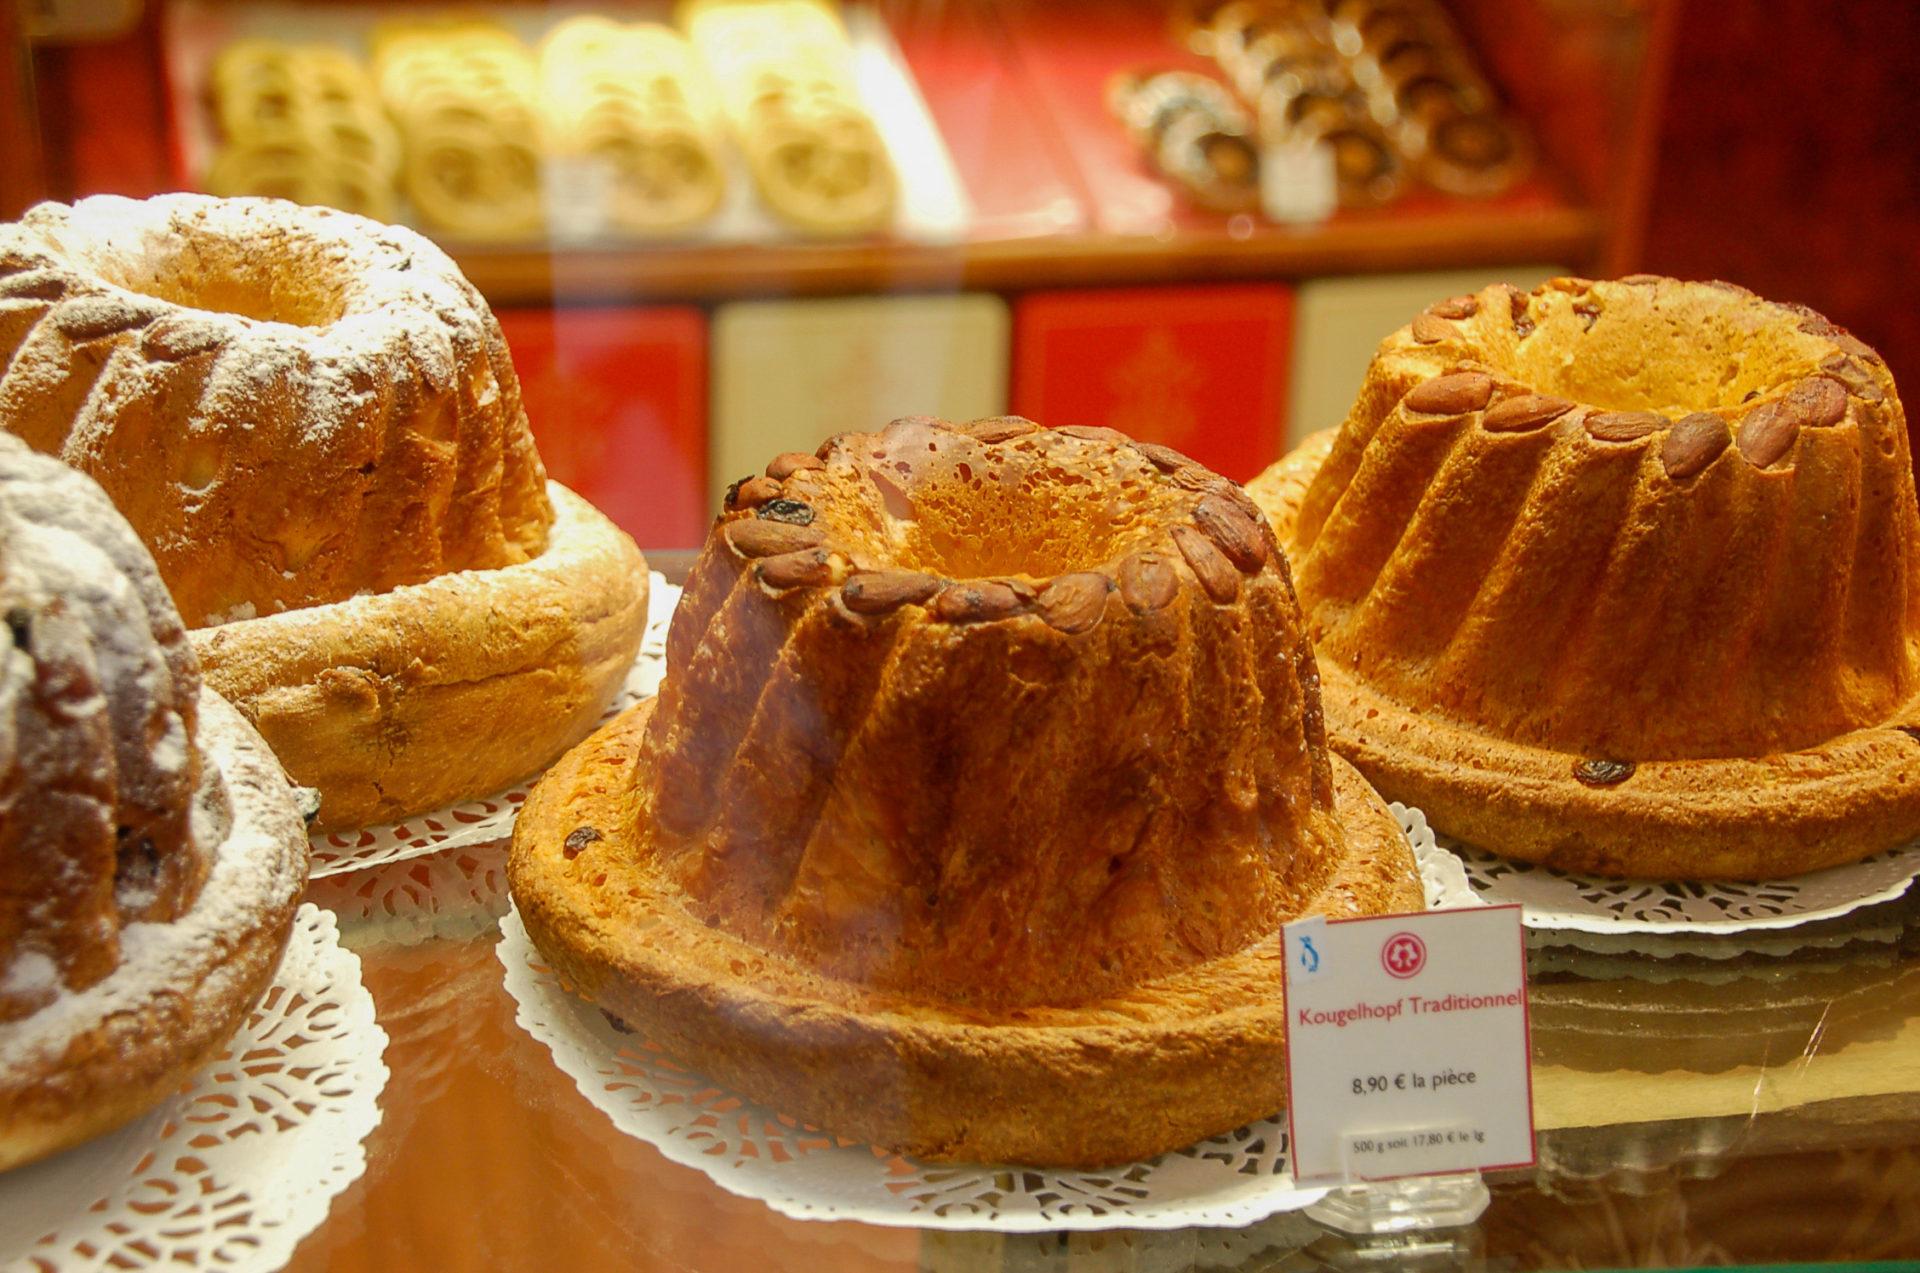 Guglhupf im Schaufenster eines Bäckers in Colmar